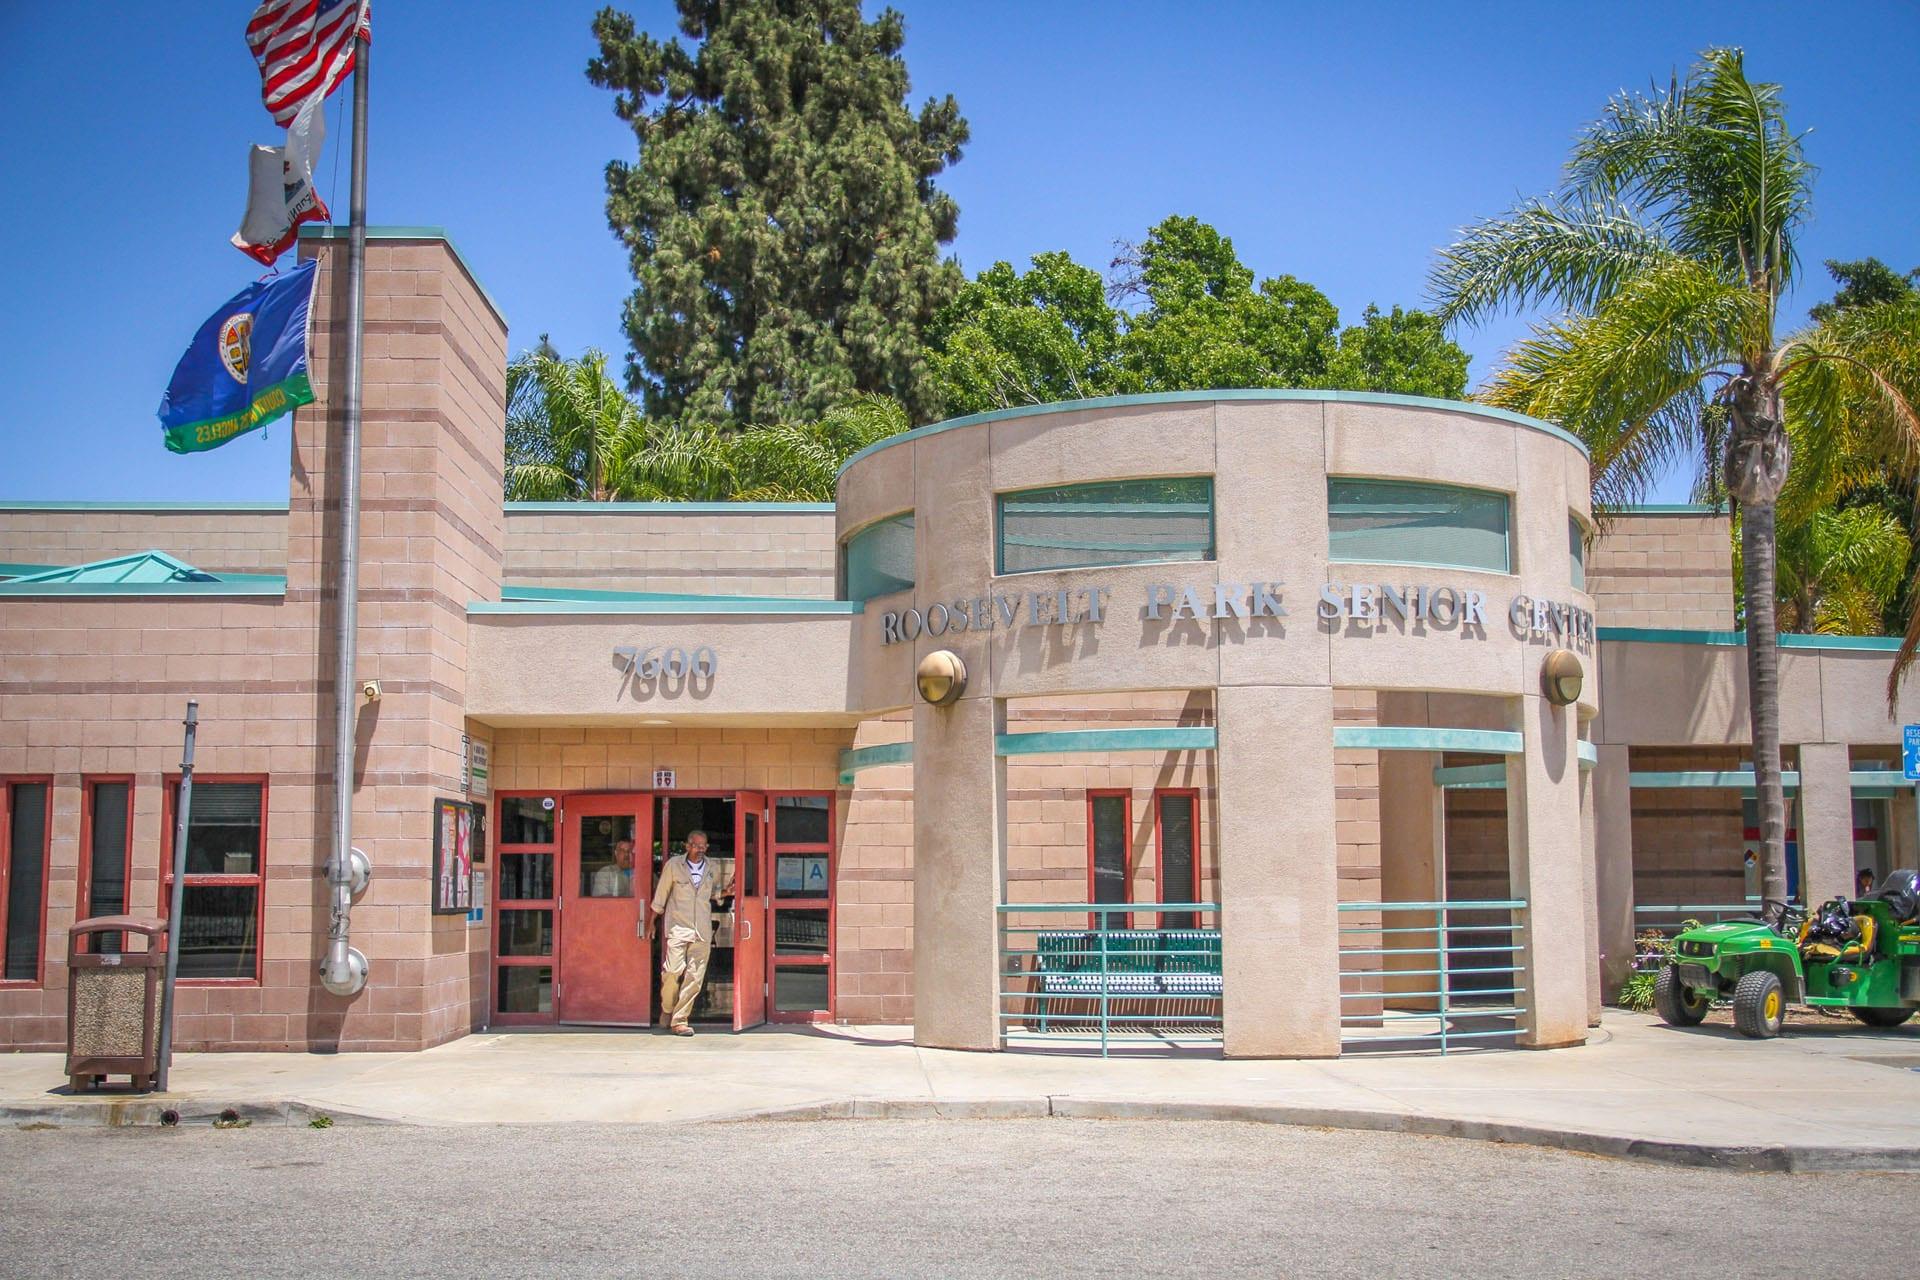 Roosevelt Park Senior Center